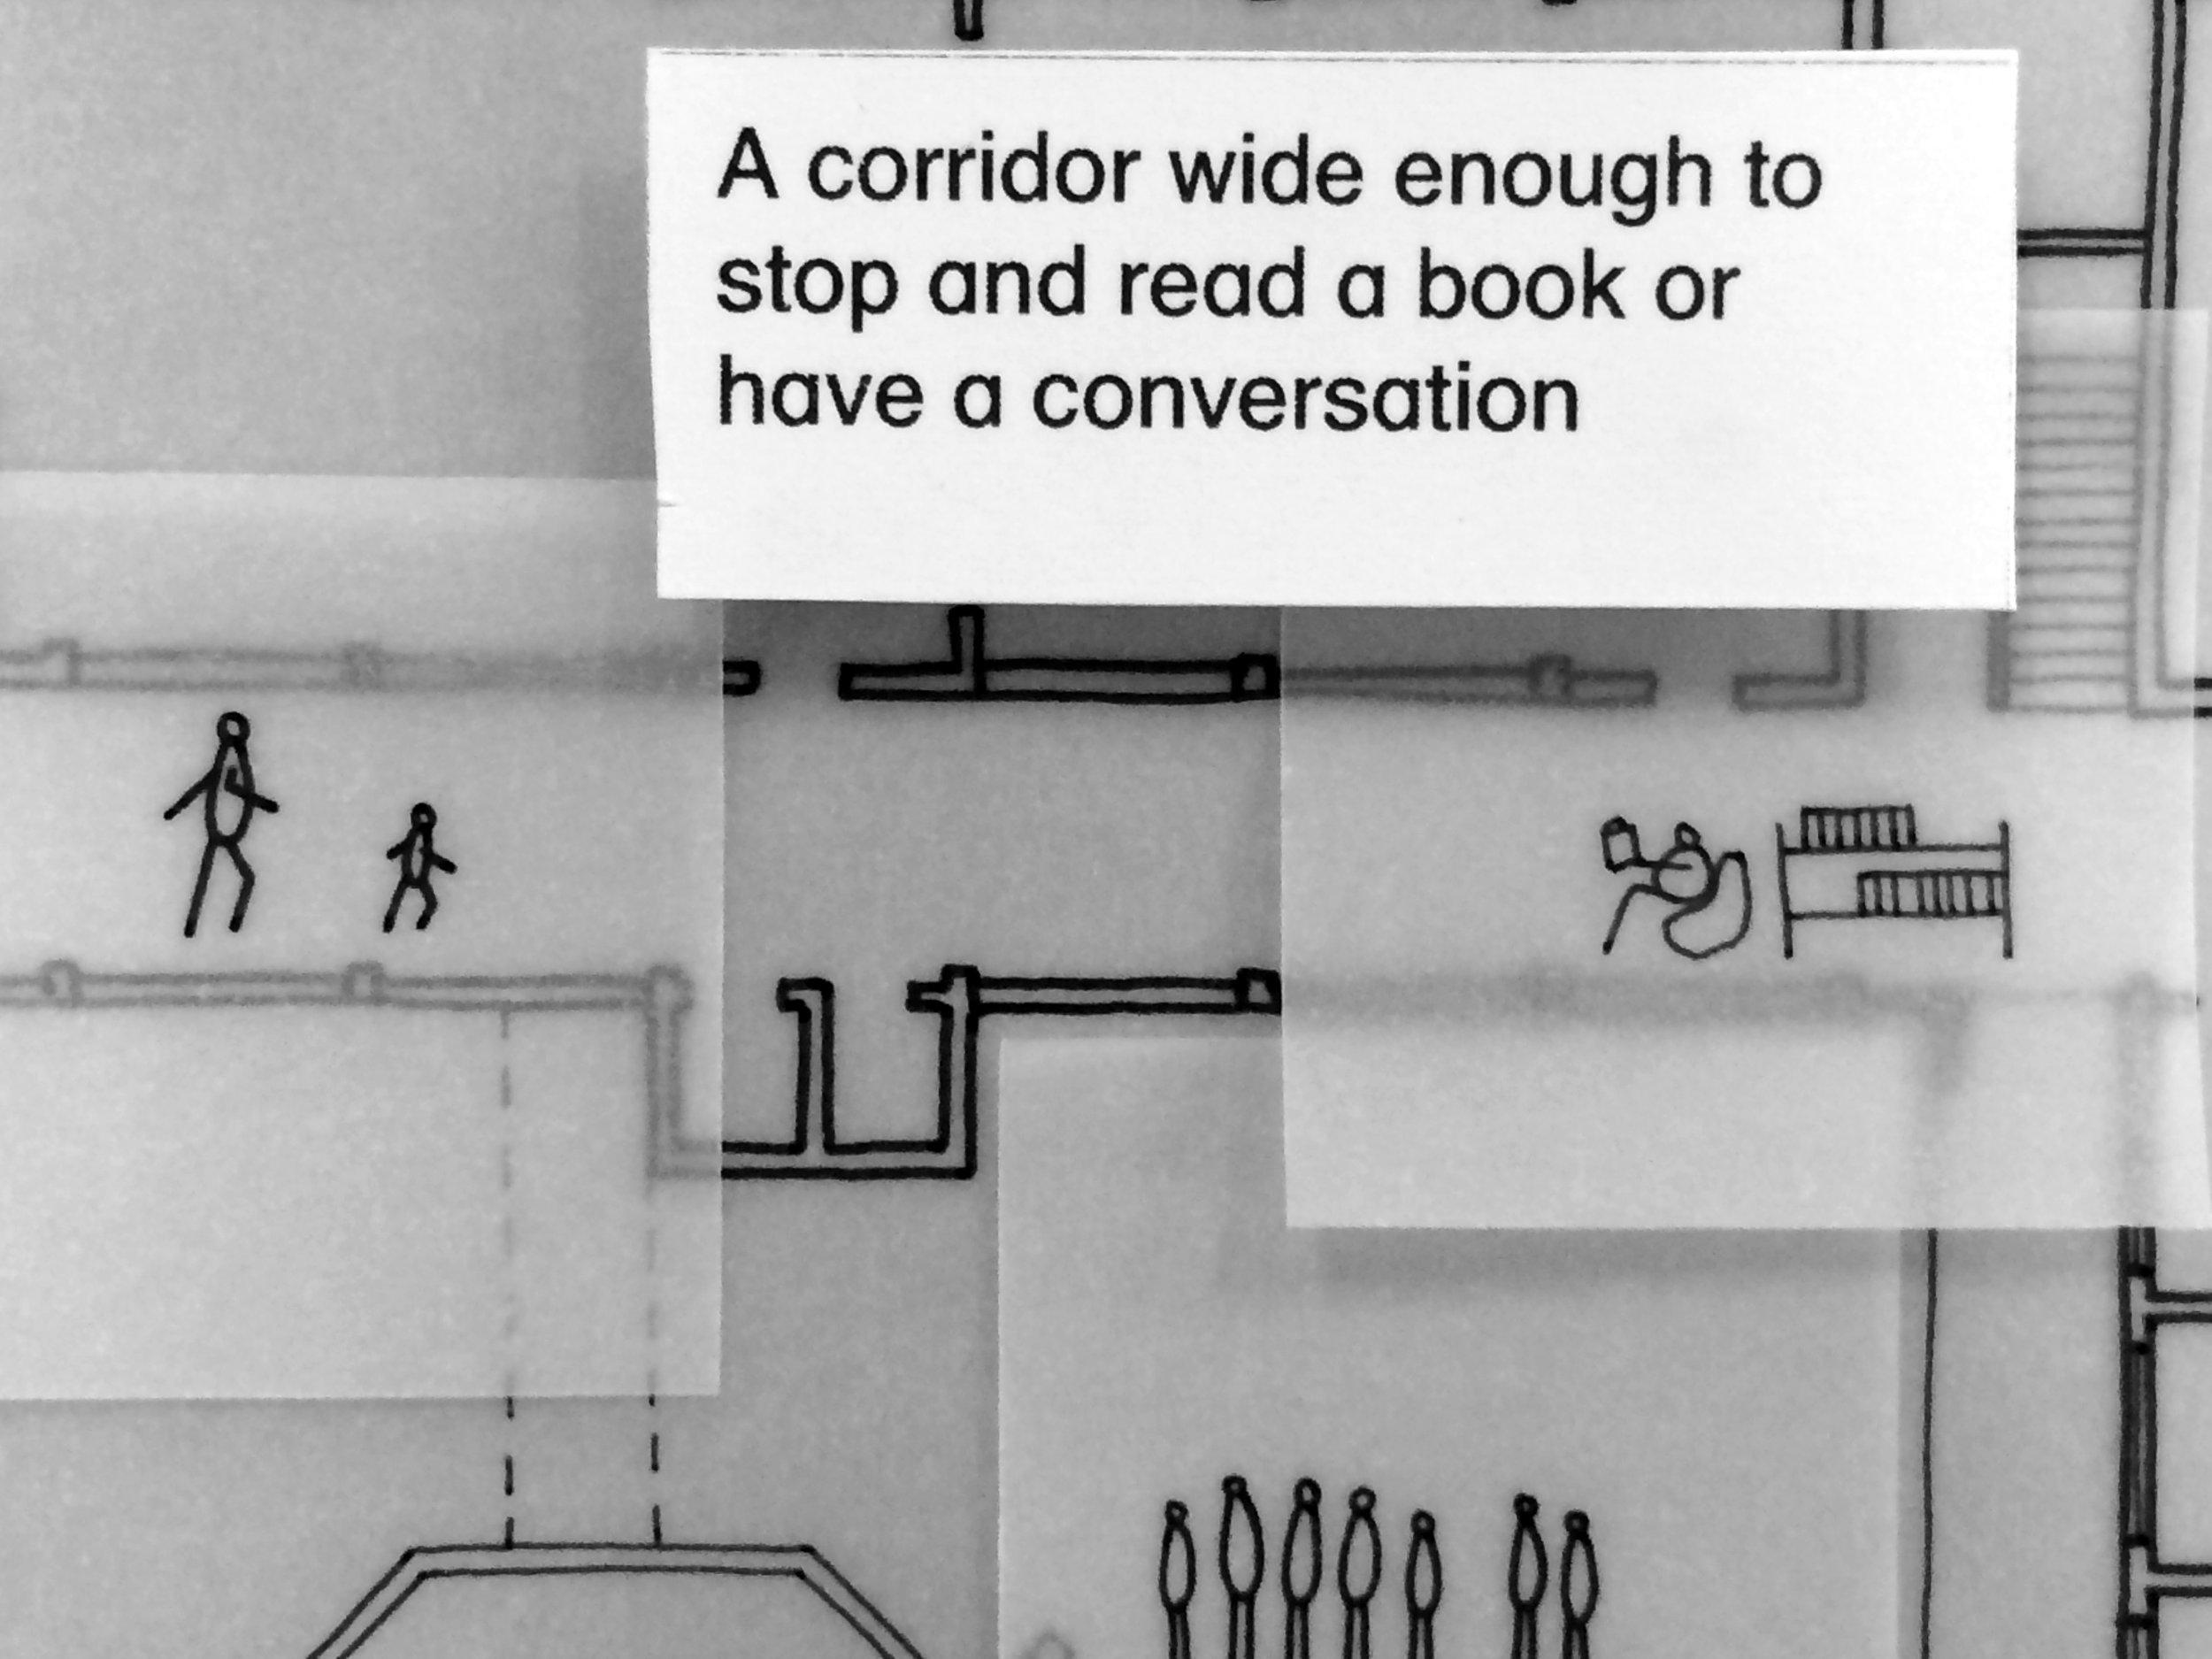 A corridor wide enough 2.JPG